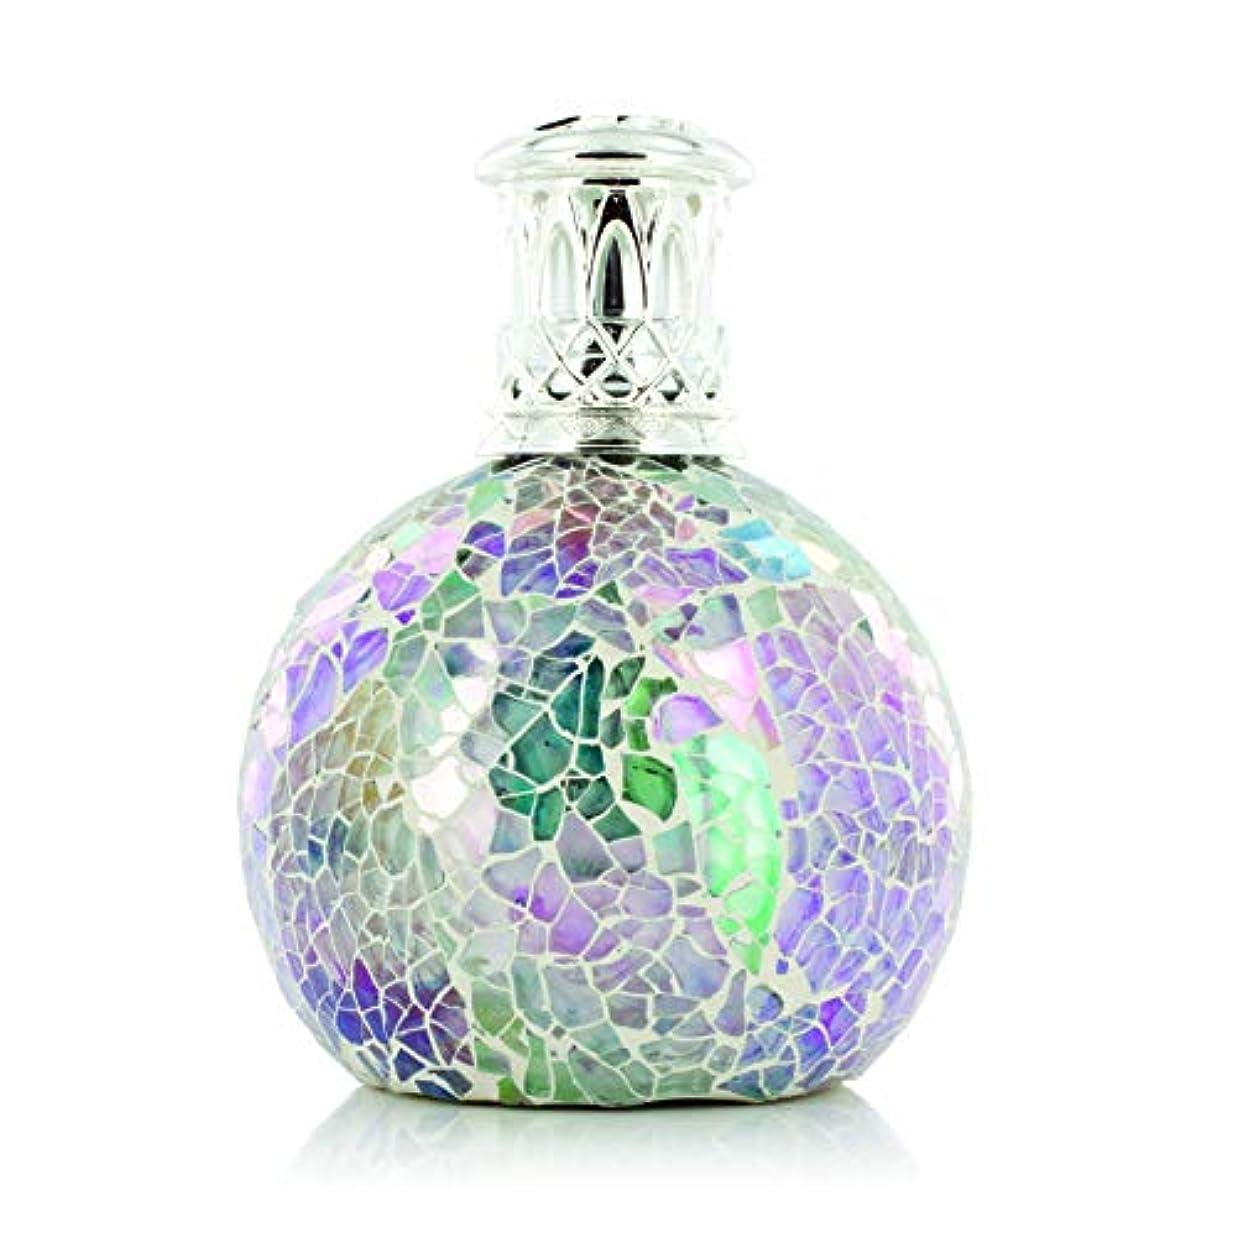 媒染剤小石規則性Ashleigh&Burwood フレグランスランプ S フェアリーボール FragranceLamps sizeS FairyBall アシュレイ&バーウッド